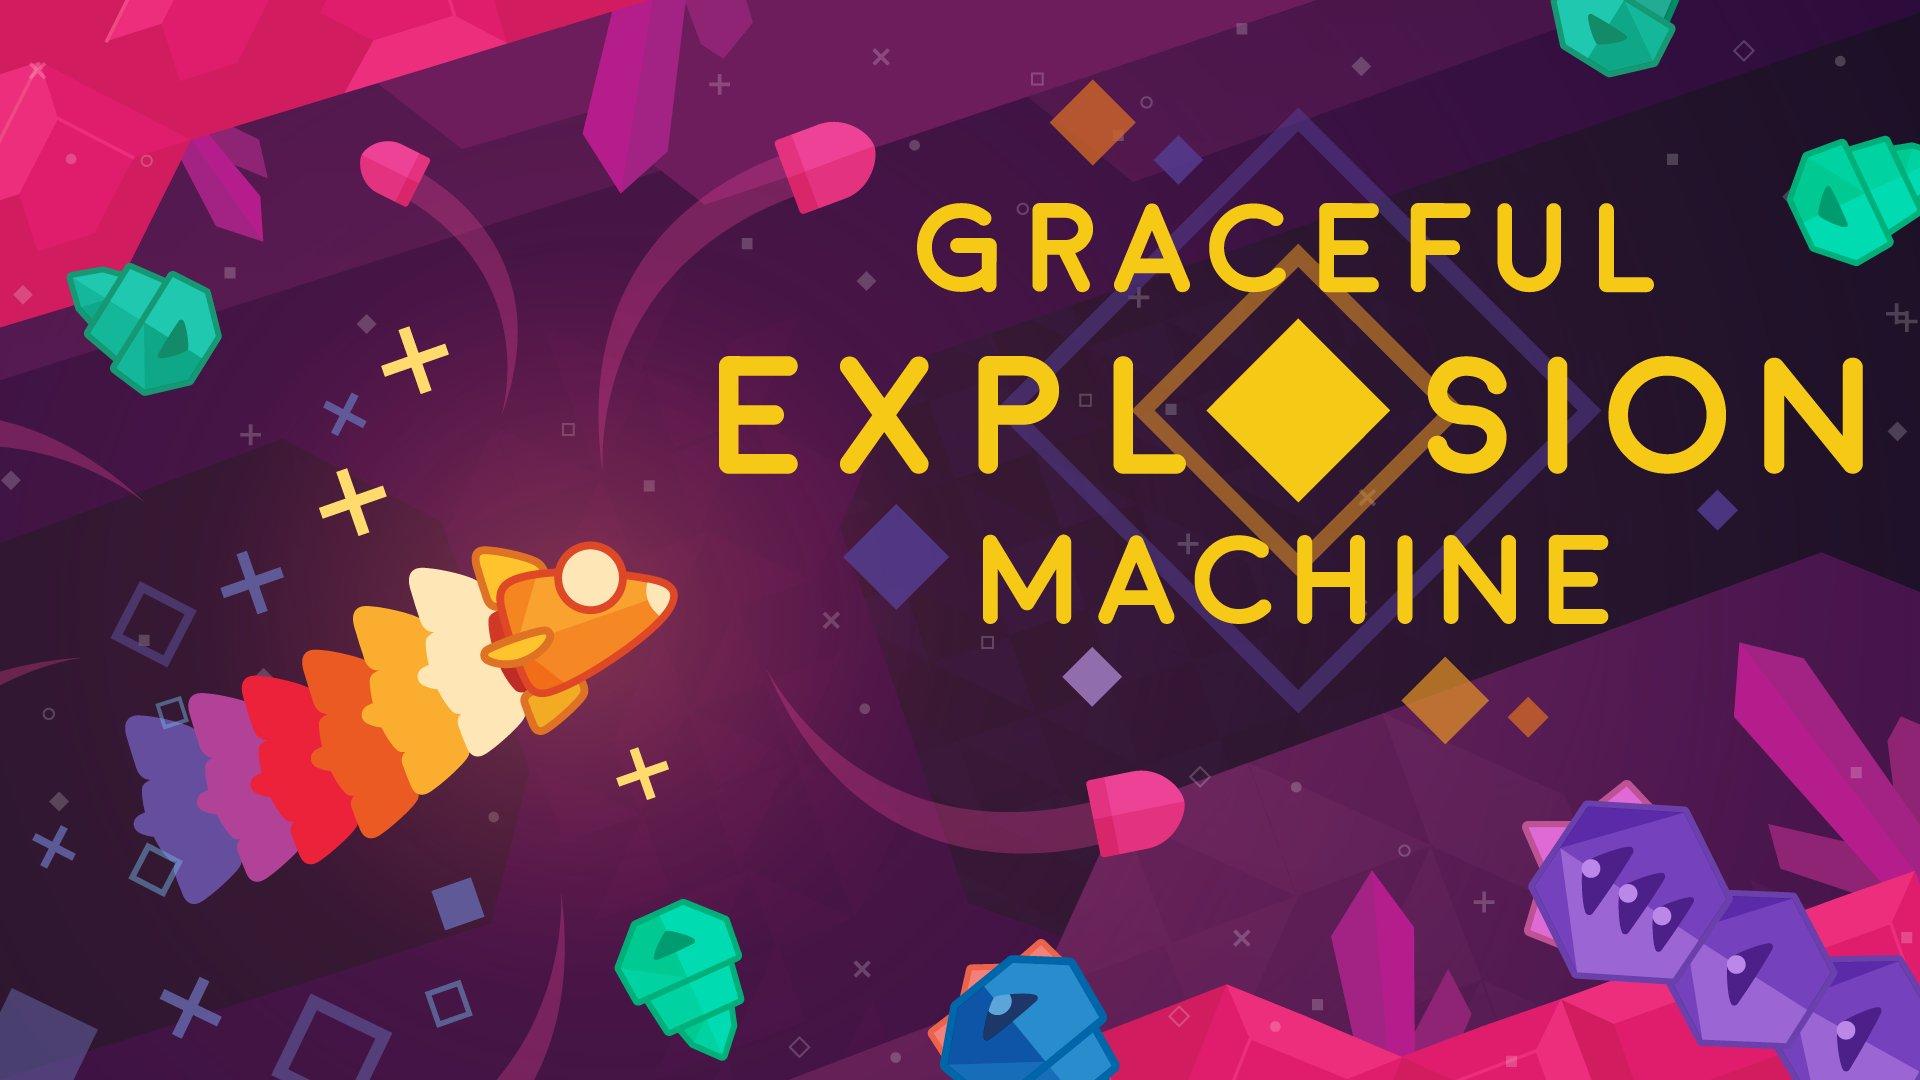 Graceful Explosion Machine – Una navicella solitaria nello spazio